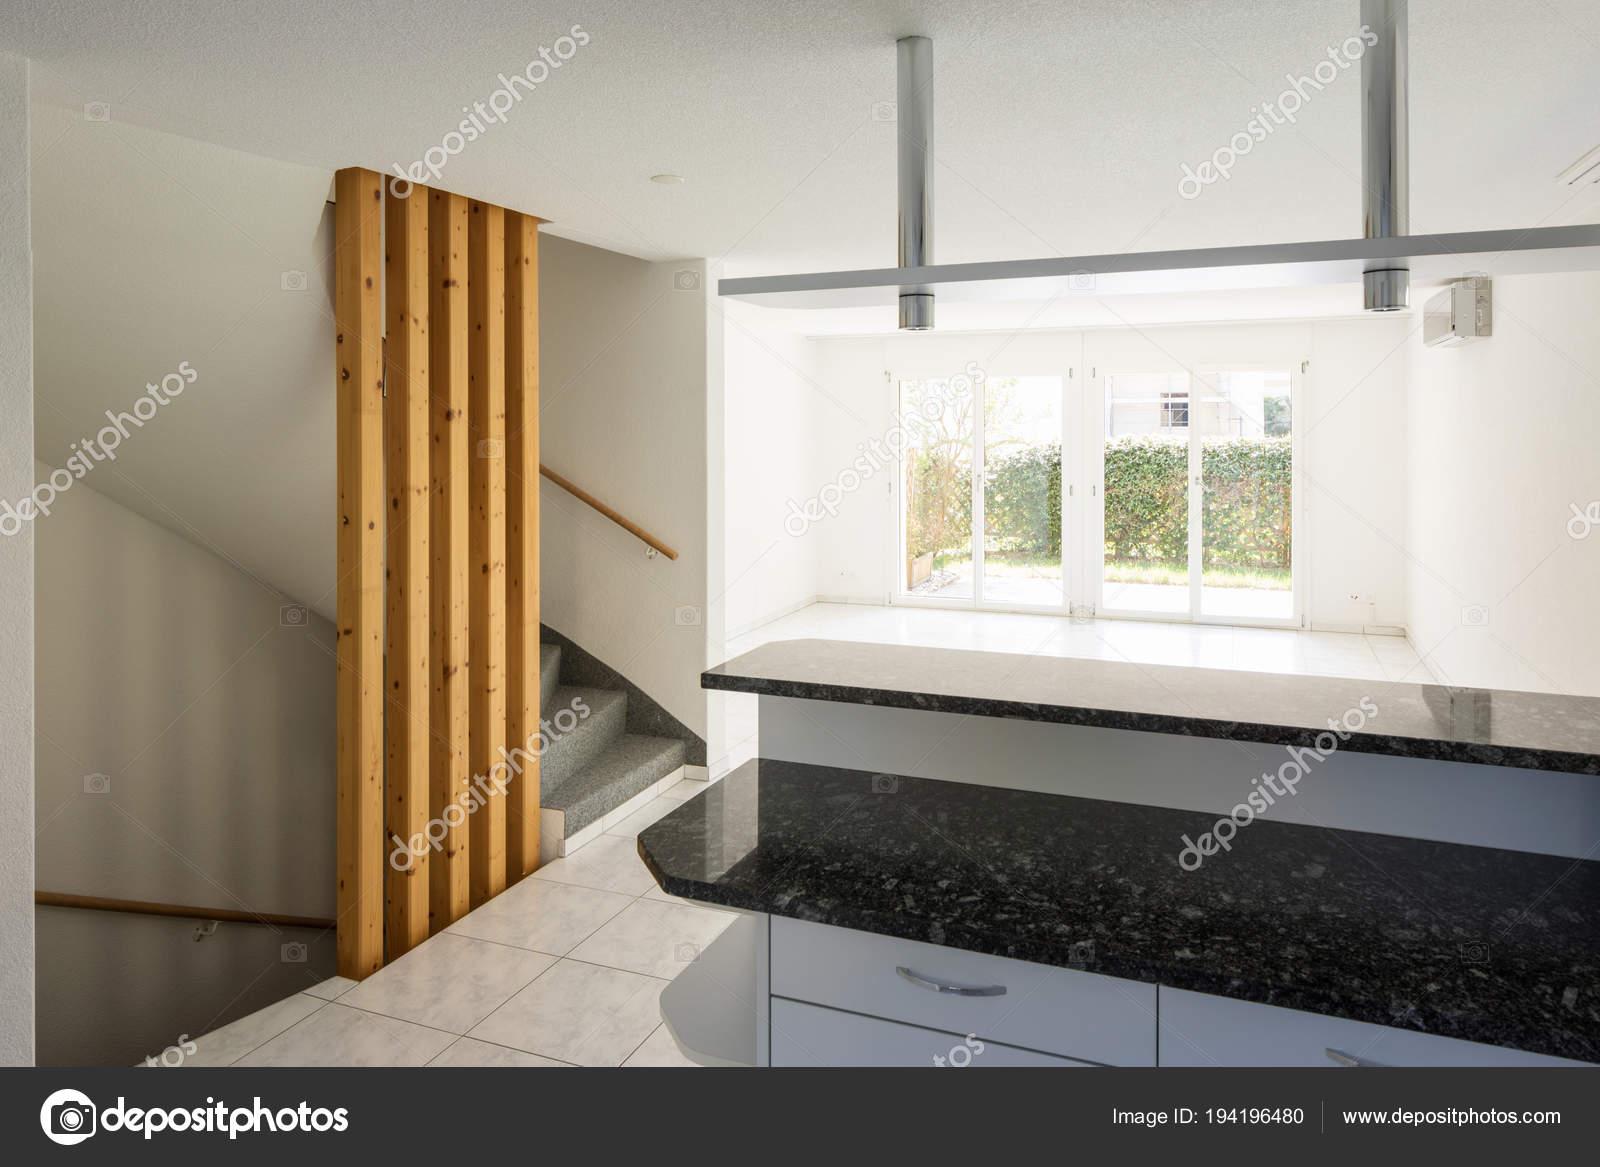 Keuken Grote Open : Open ruimte met grote woonkamer en keuken u stockfoto zveiger